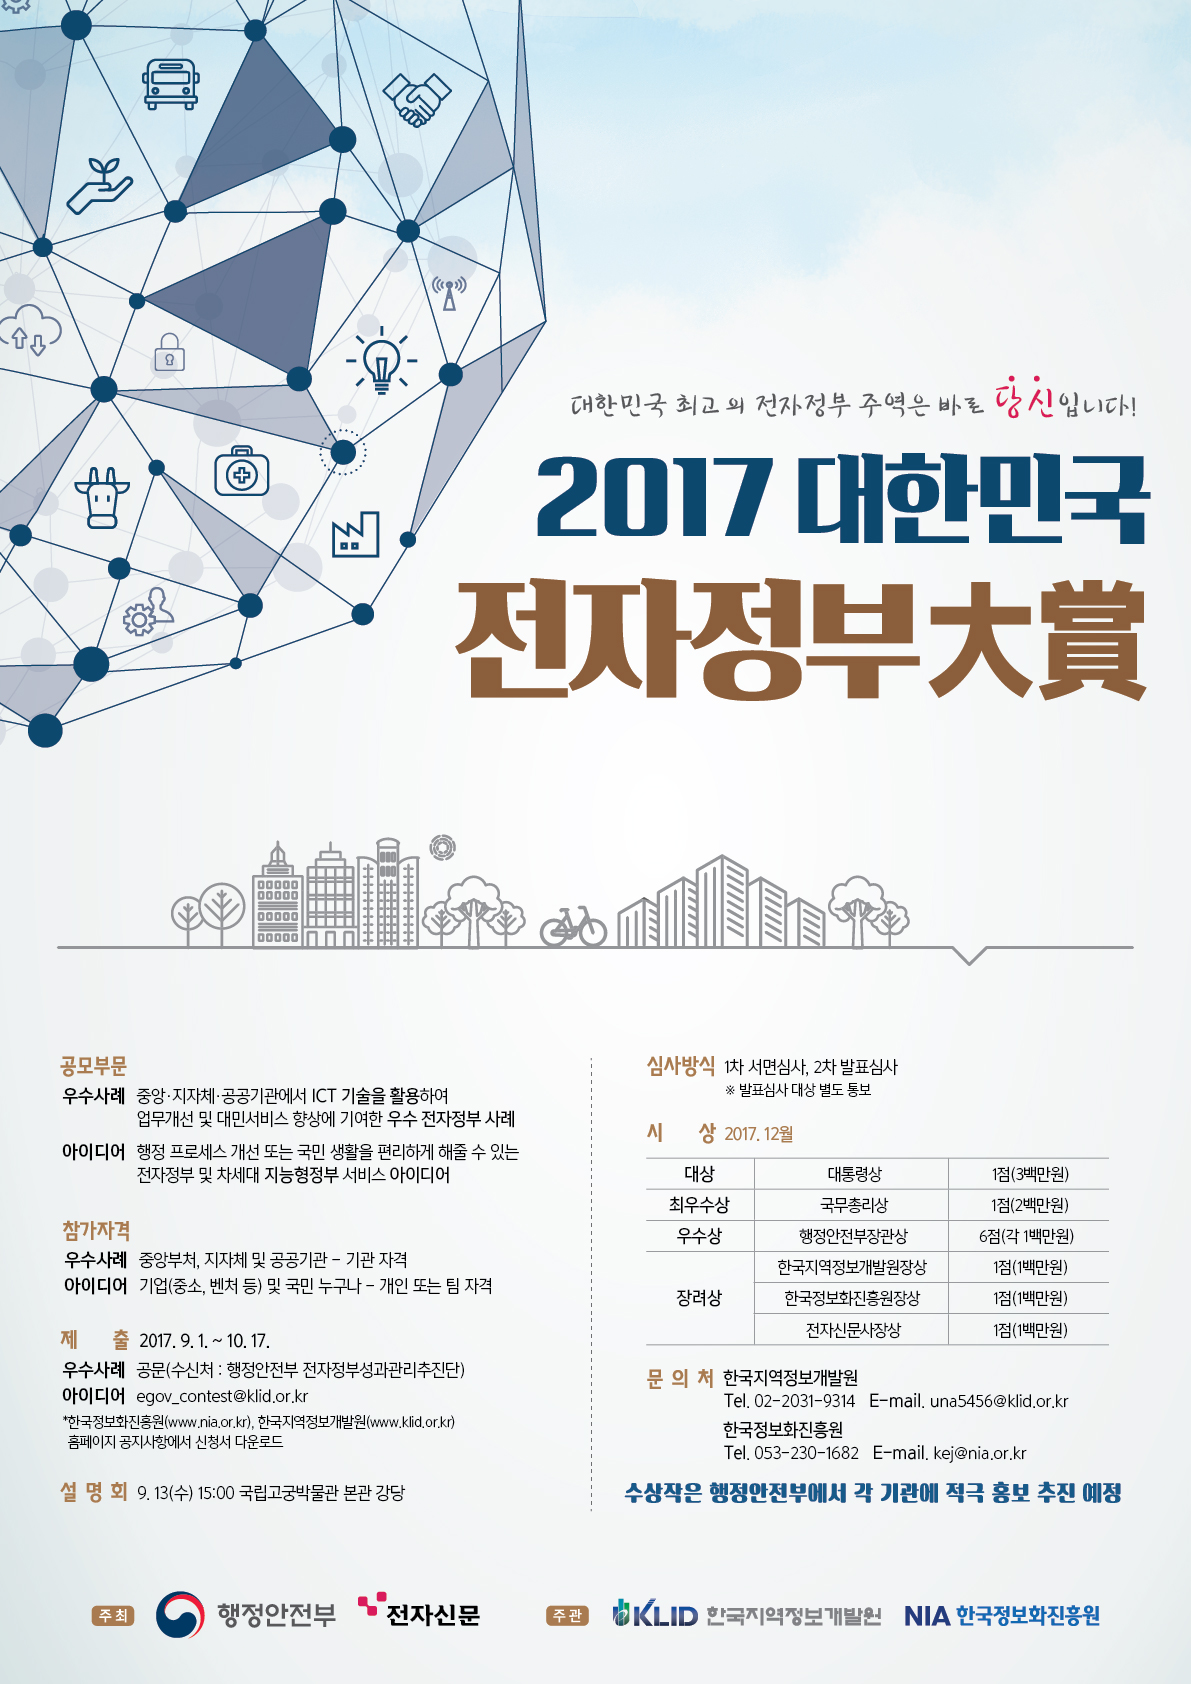 2017 대한민국전자정부대상 포스터_최종.jpeg